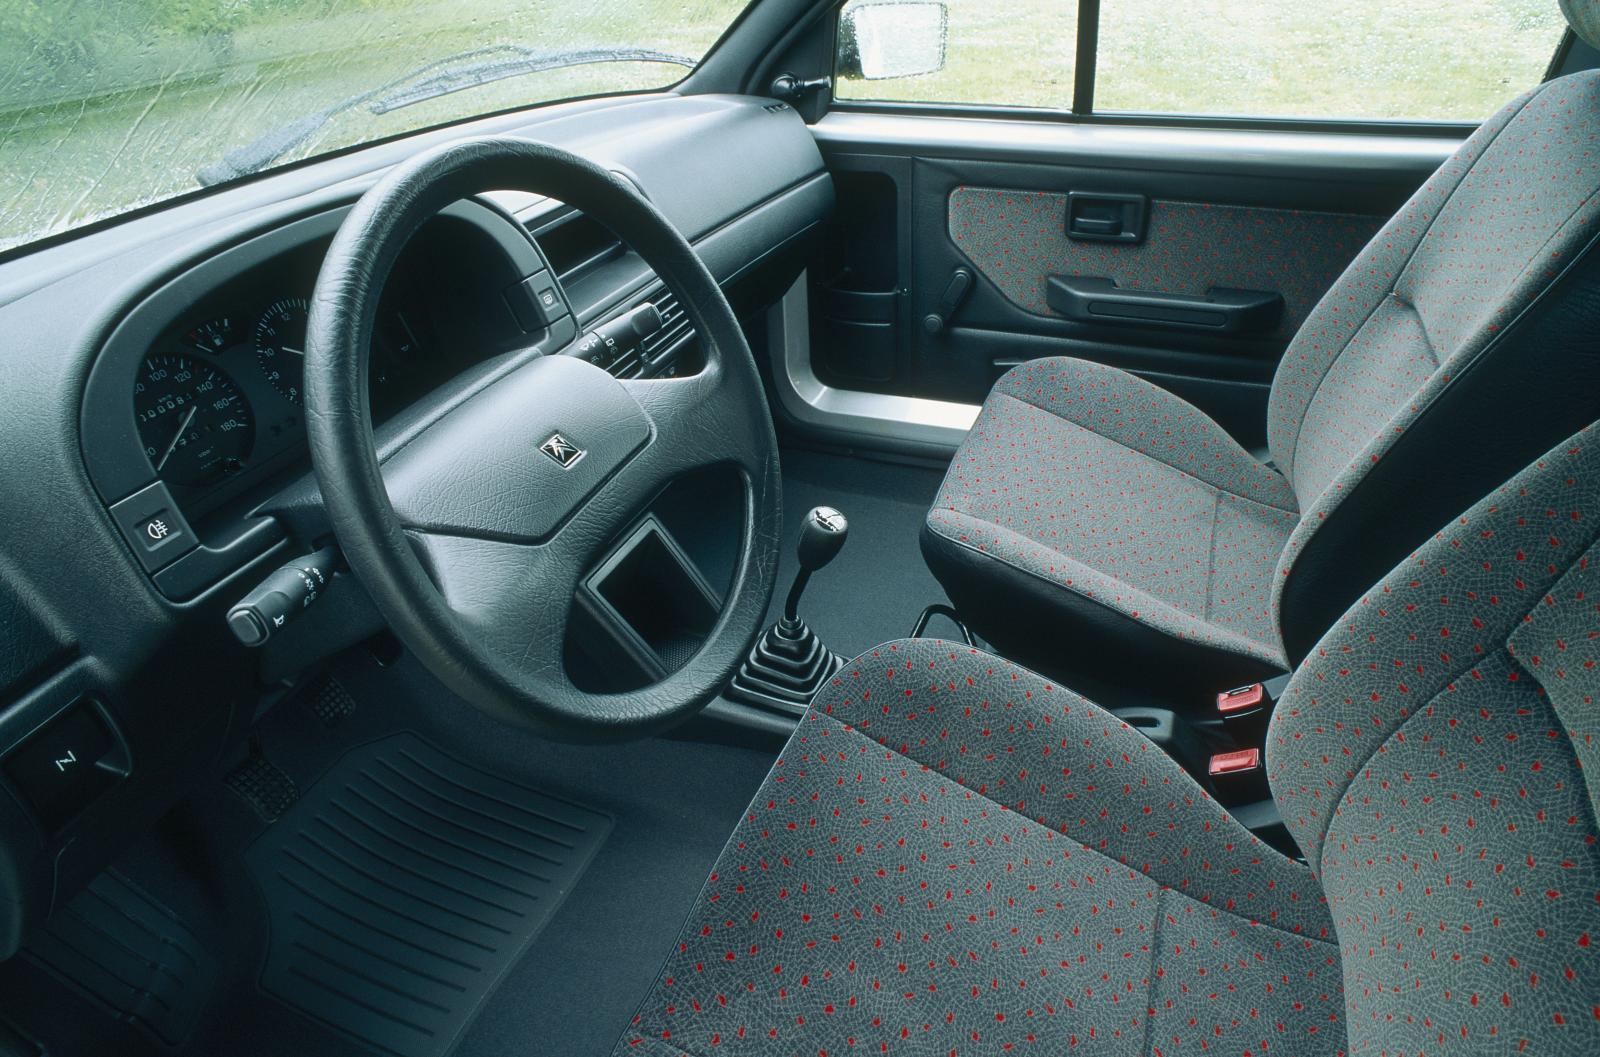 AX nouvelle génération en 1991 vue intérieure